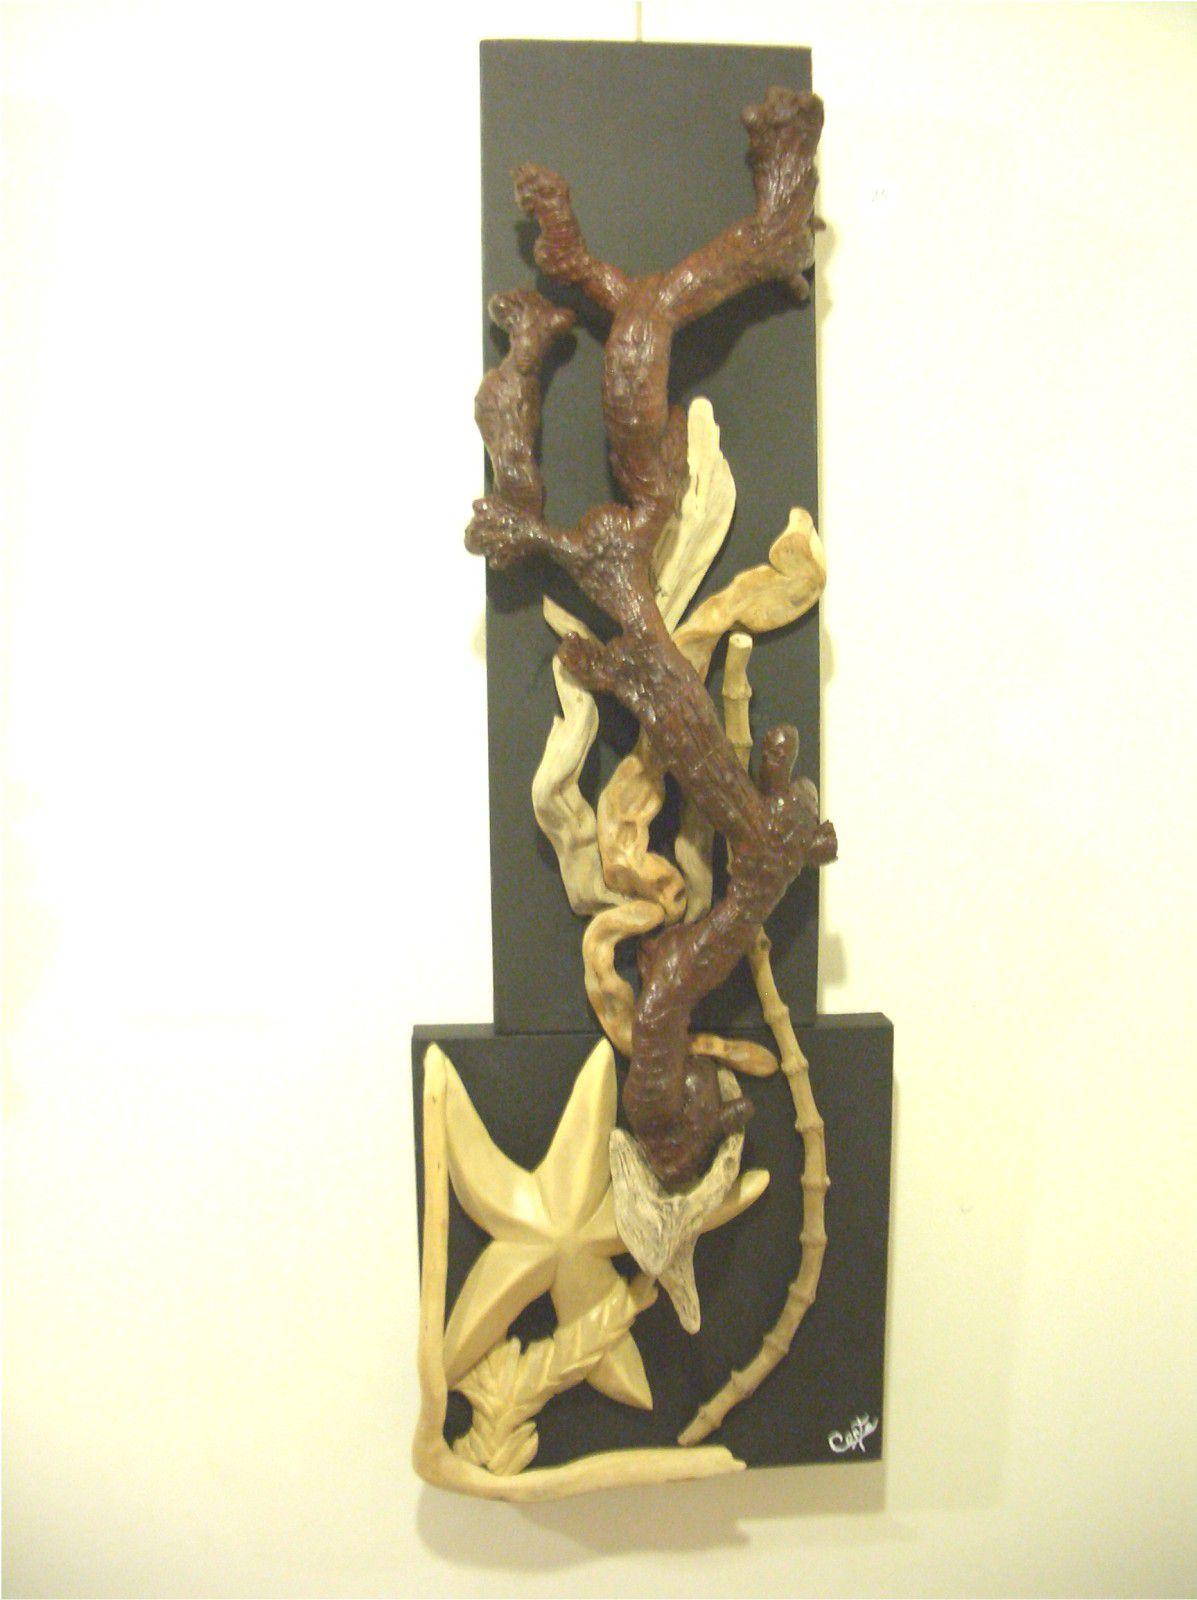 13ème SALON DES ARTS 2009 à PORT LA NOUVELLE Espace Culturel Georges DURET du 8 au 28 Août 2009 :